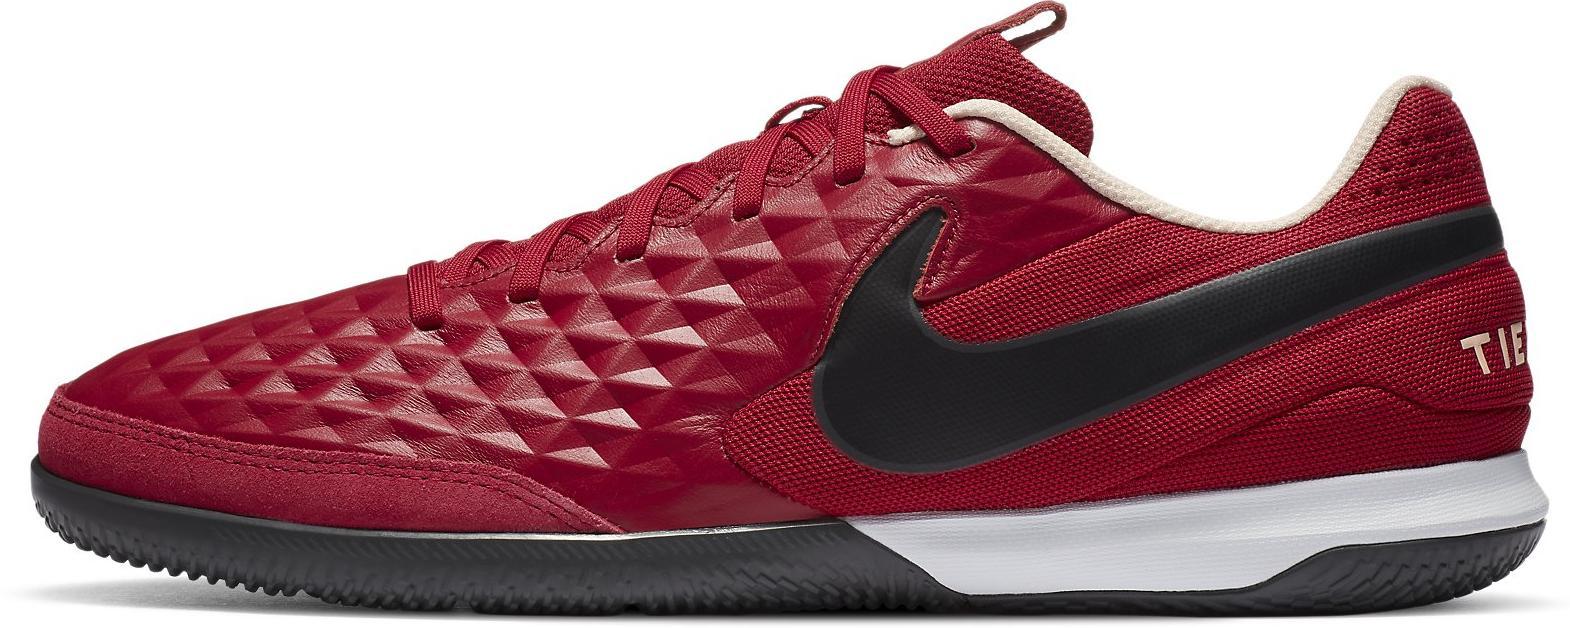 Sálovky Nike LEGEND 8 ACADEMY IC vínová